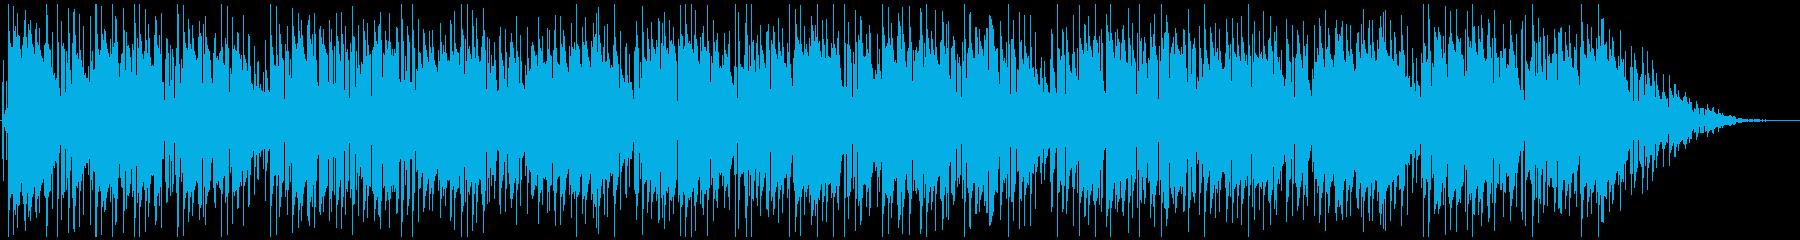 ほのぼの脱力系アレンジ「G線上のアリア」の再生済みの波形